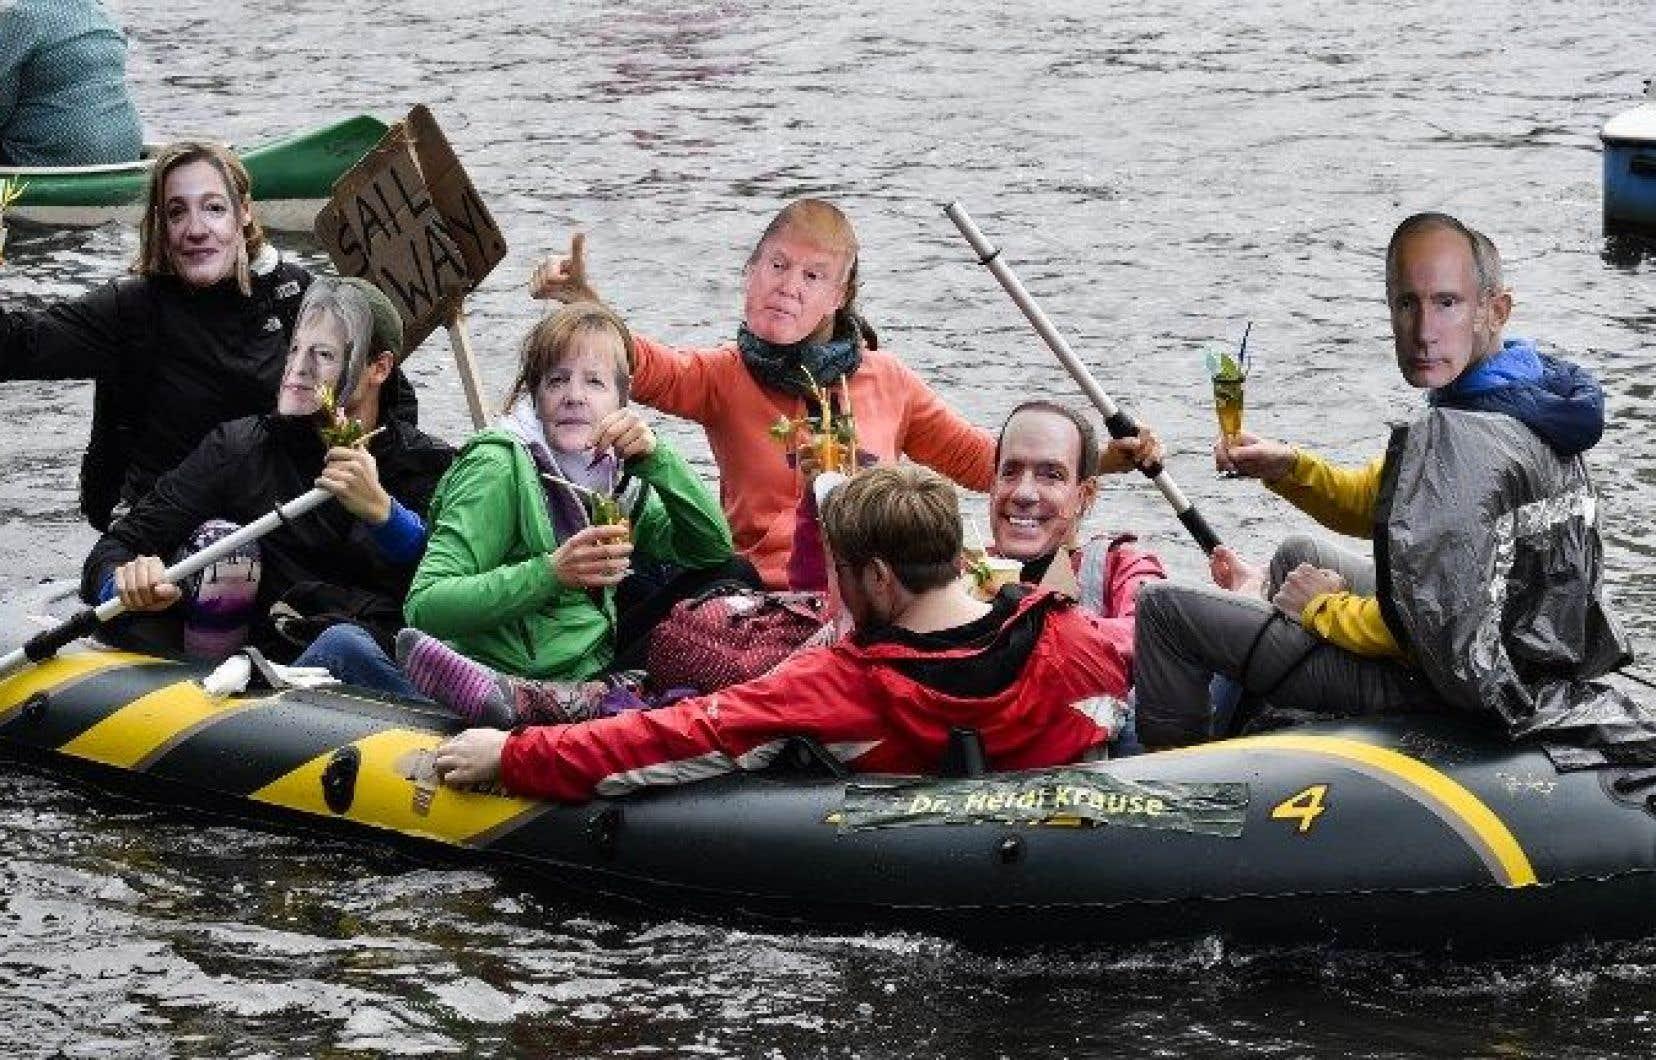 Des manifestants ont remonté l'Alster sur des canoës ou de petites embarcations en portant des masques des chefs d'État.